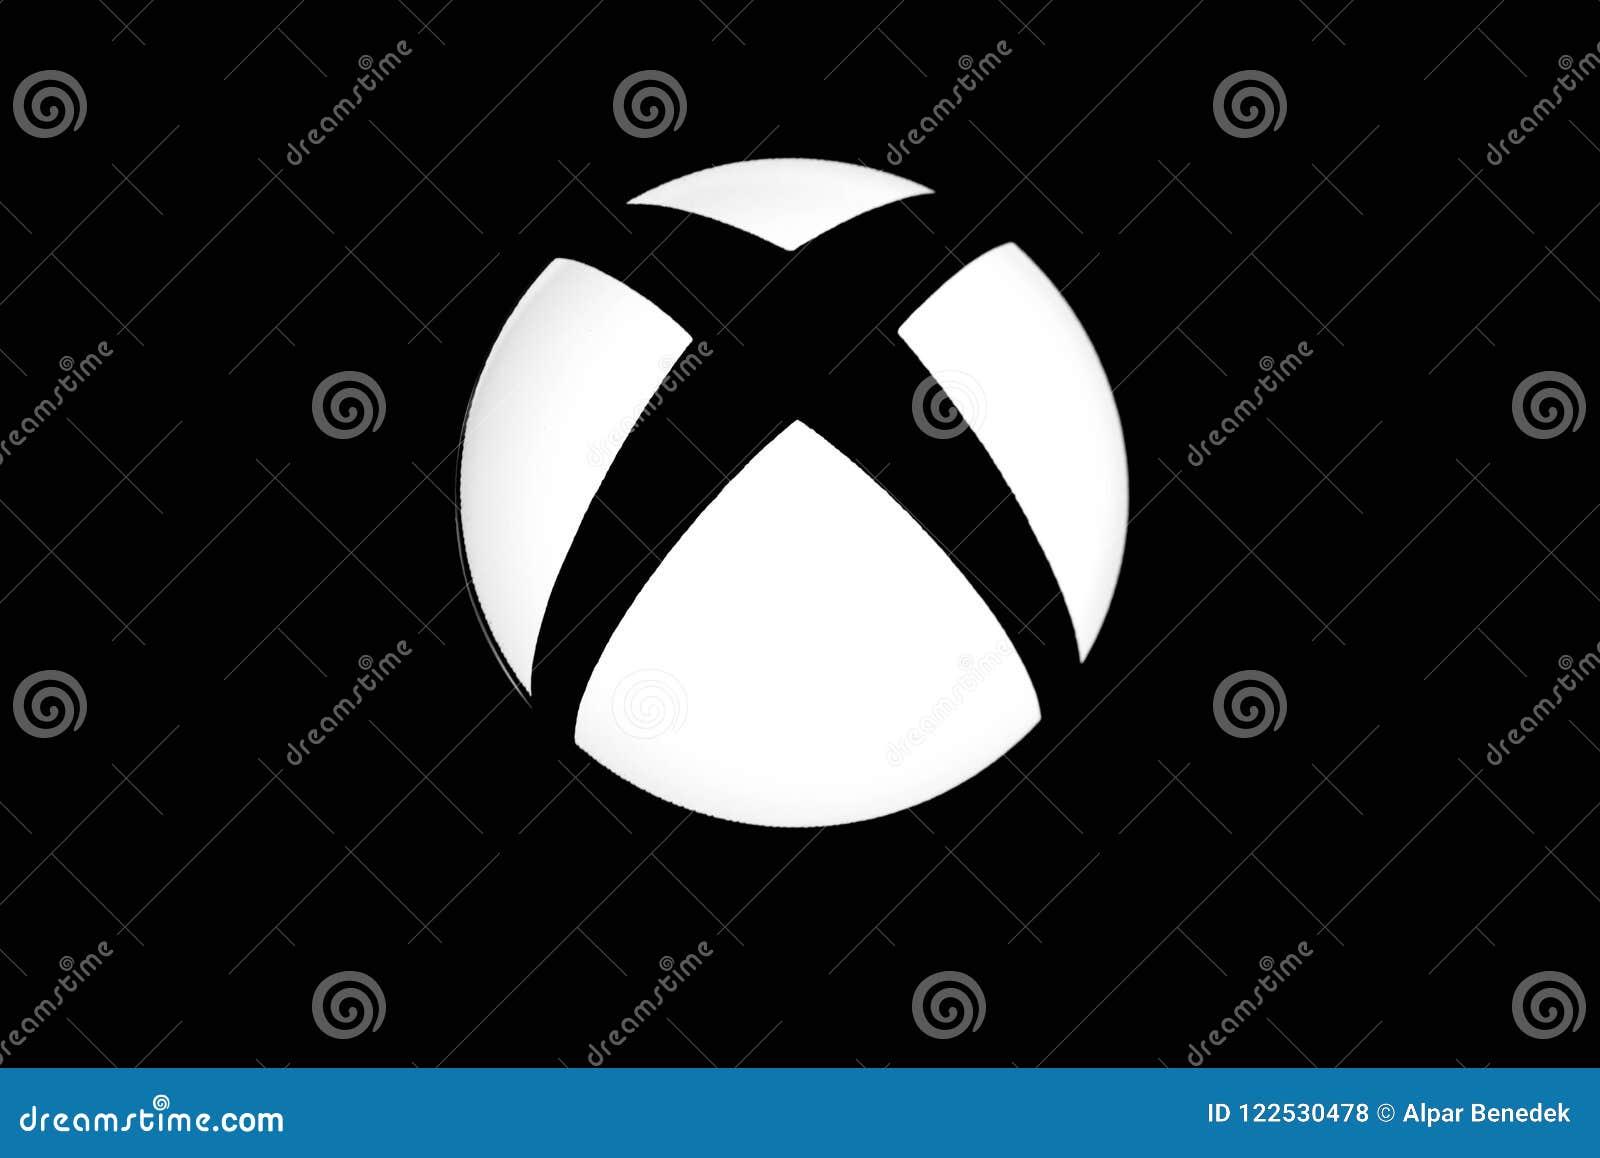 Xbox une fin de logo de jeu vidéo vers le haut de tir en noir et blanc